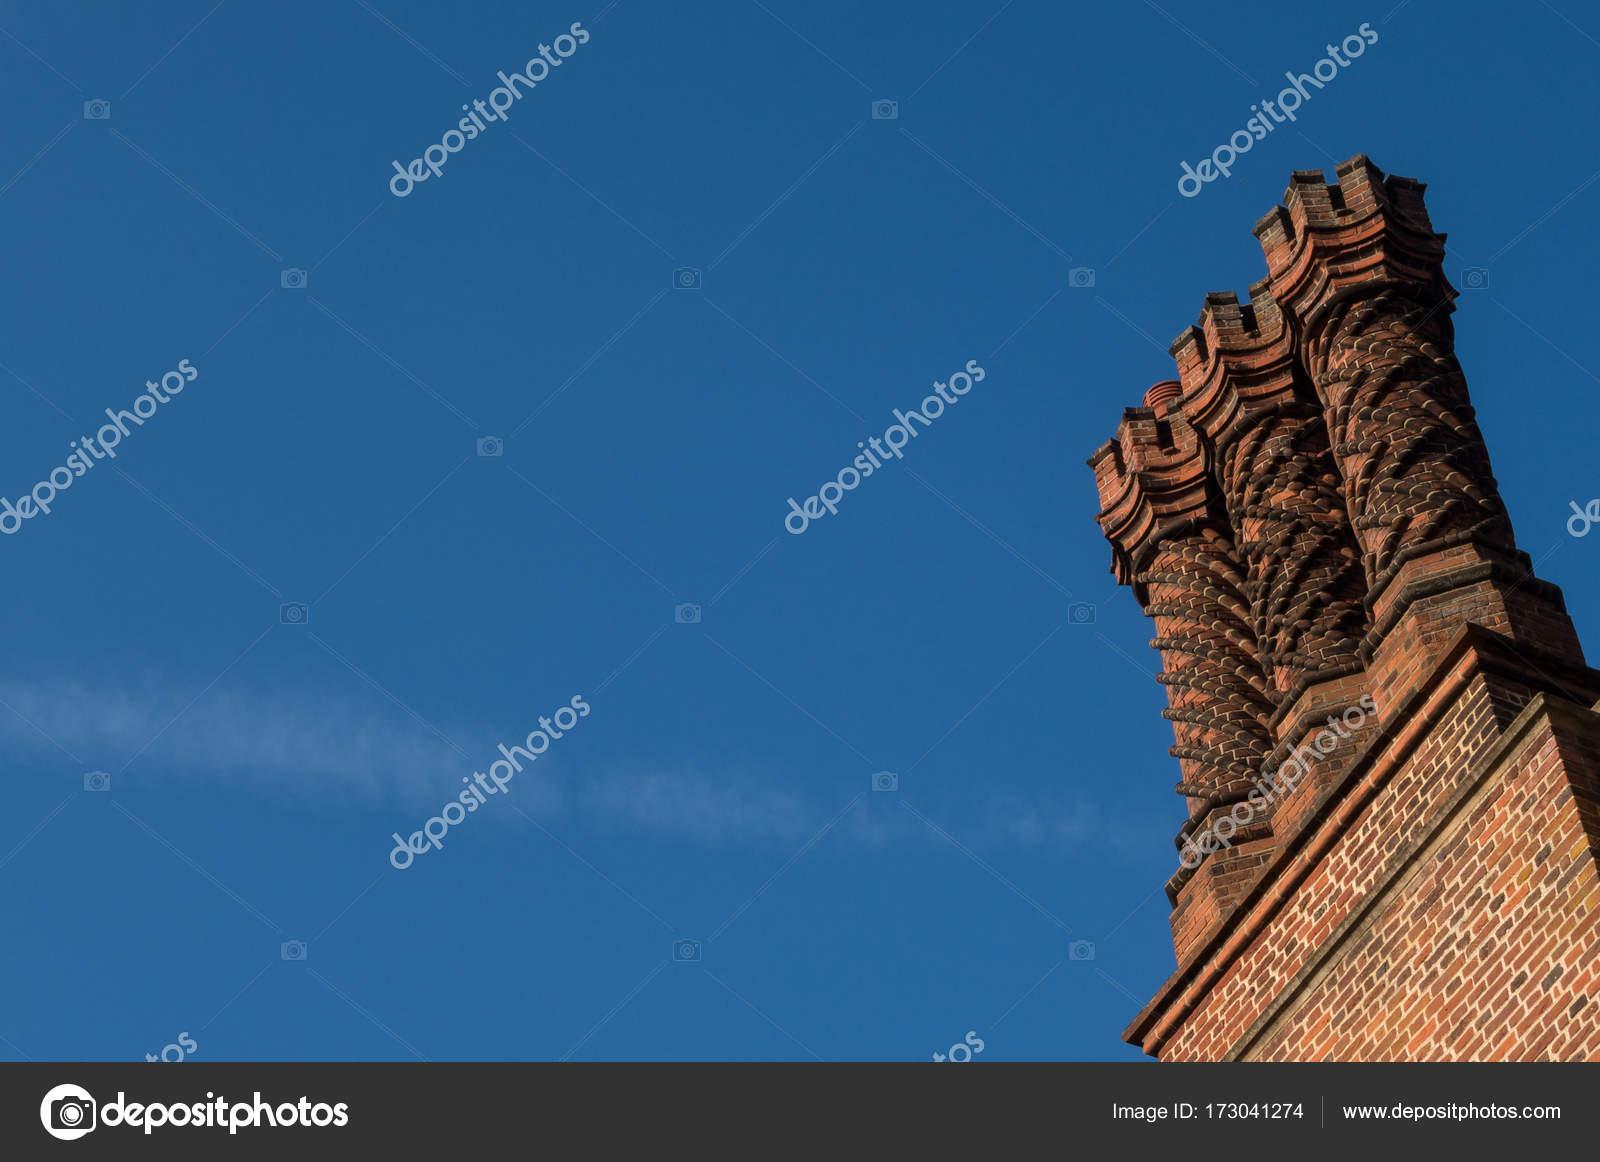 Camini In Mattoni Rossi : Dettaglio dei camini di mattoni rossi sul tetto ornamento in tudor